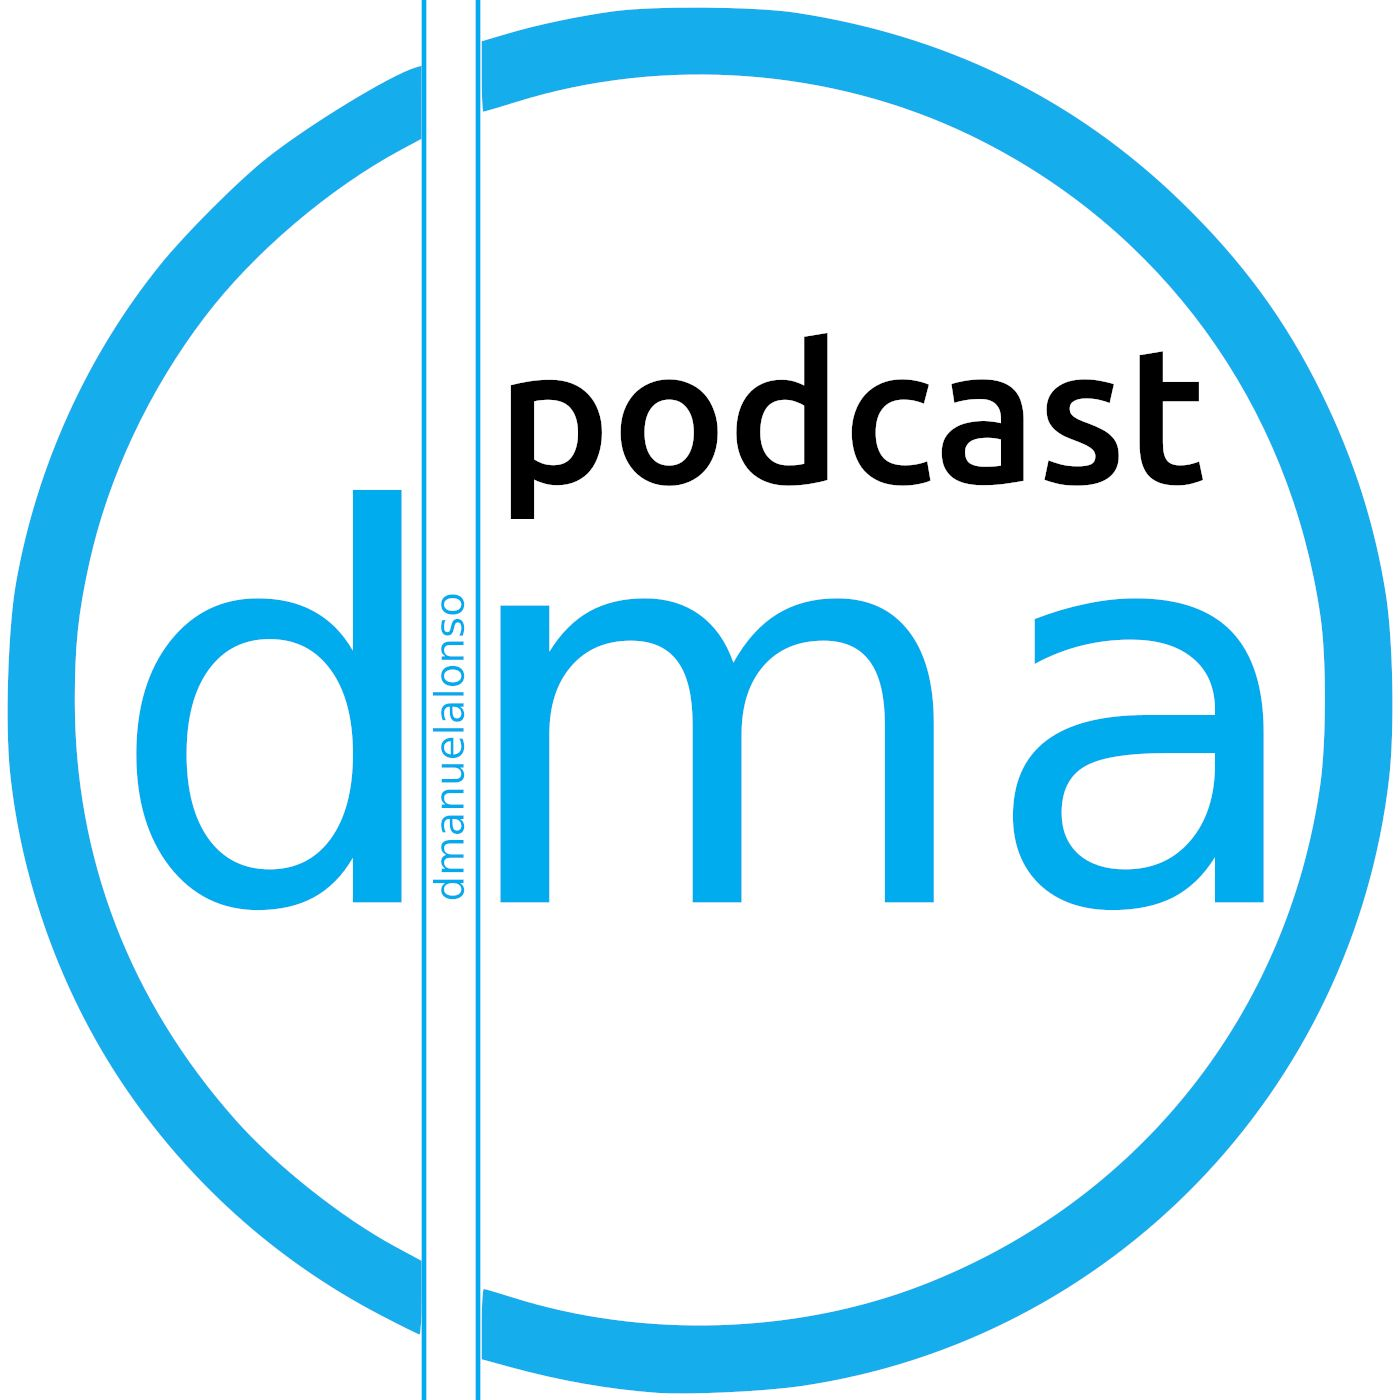 Podcast dmanuelalonso